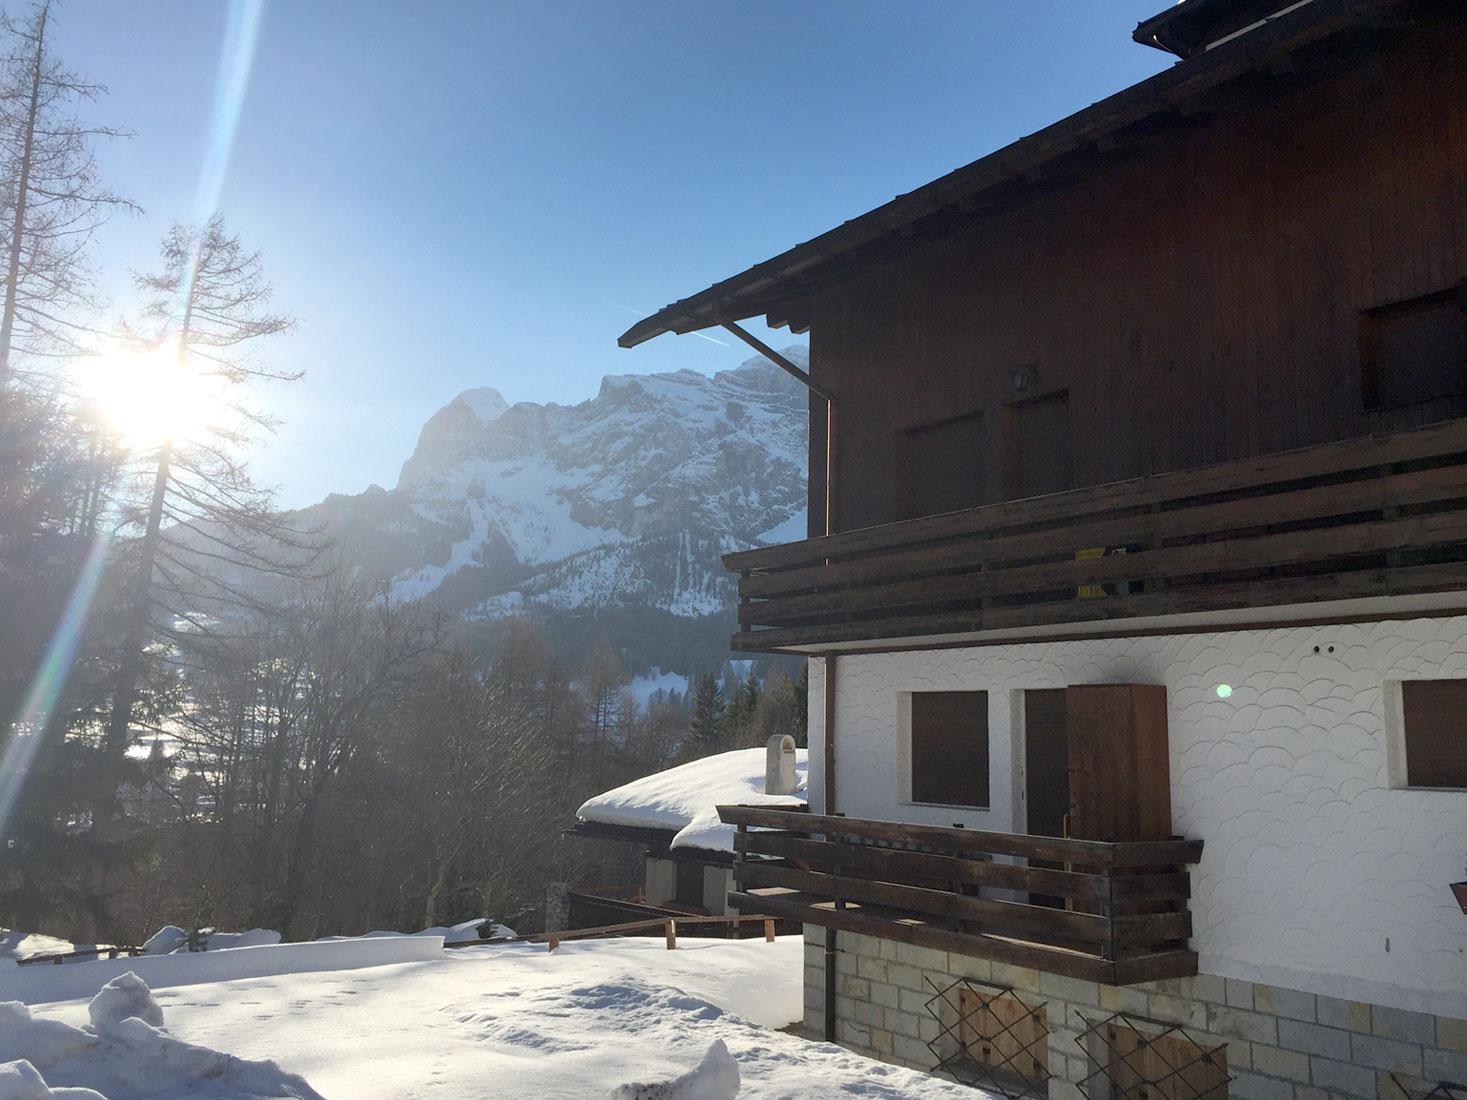 Cortina D'Ampezzo Holiday Flat